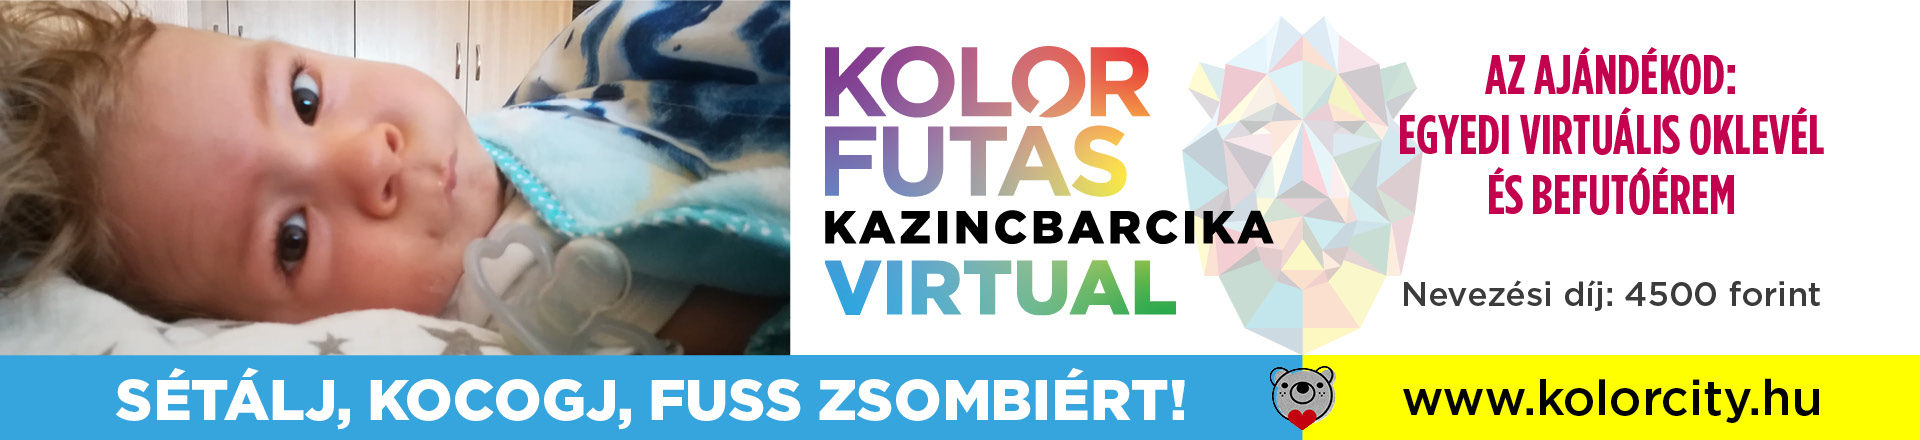 Virtuális Kolorfutás Kazincbarcika